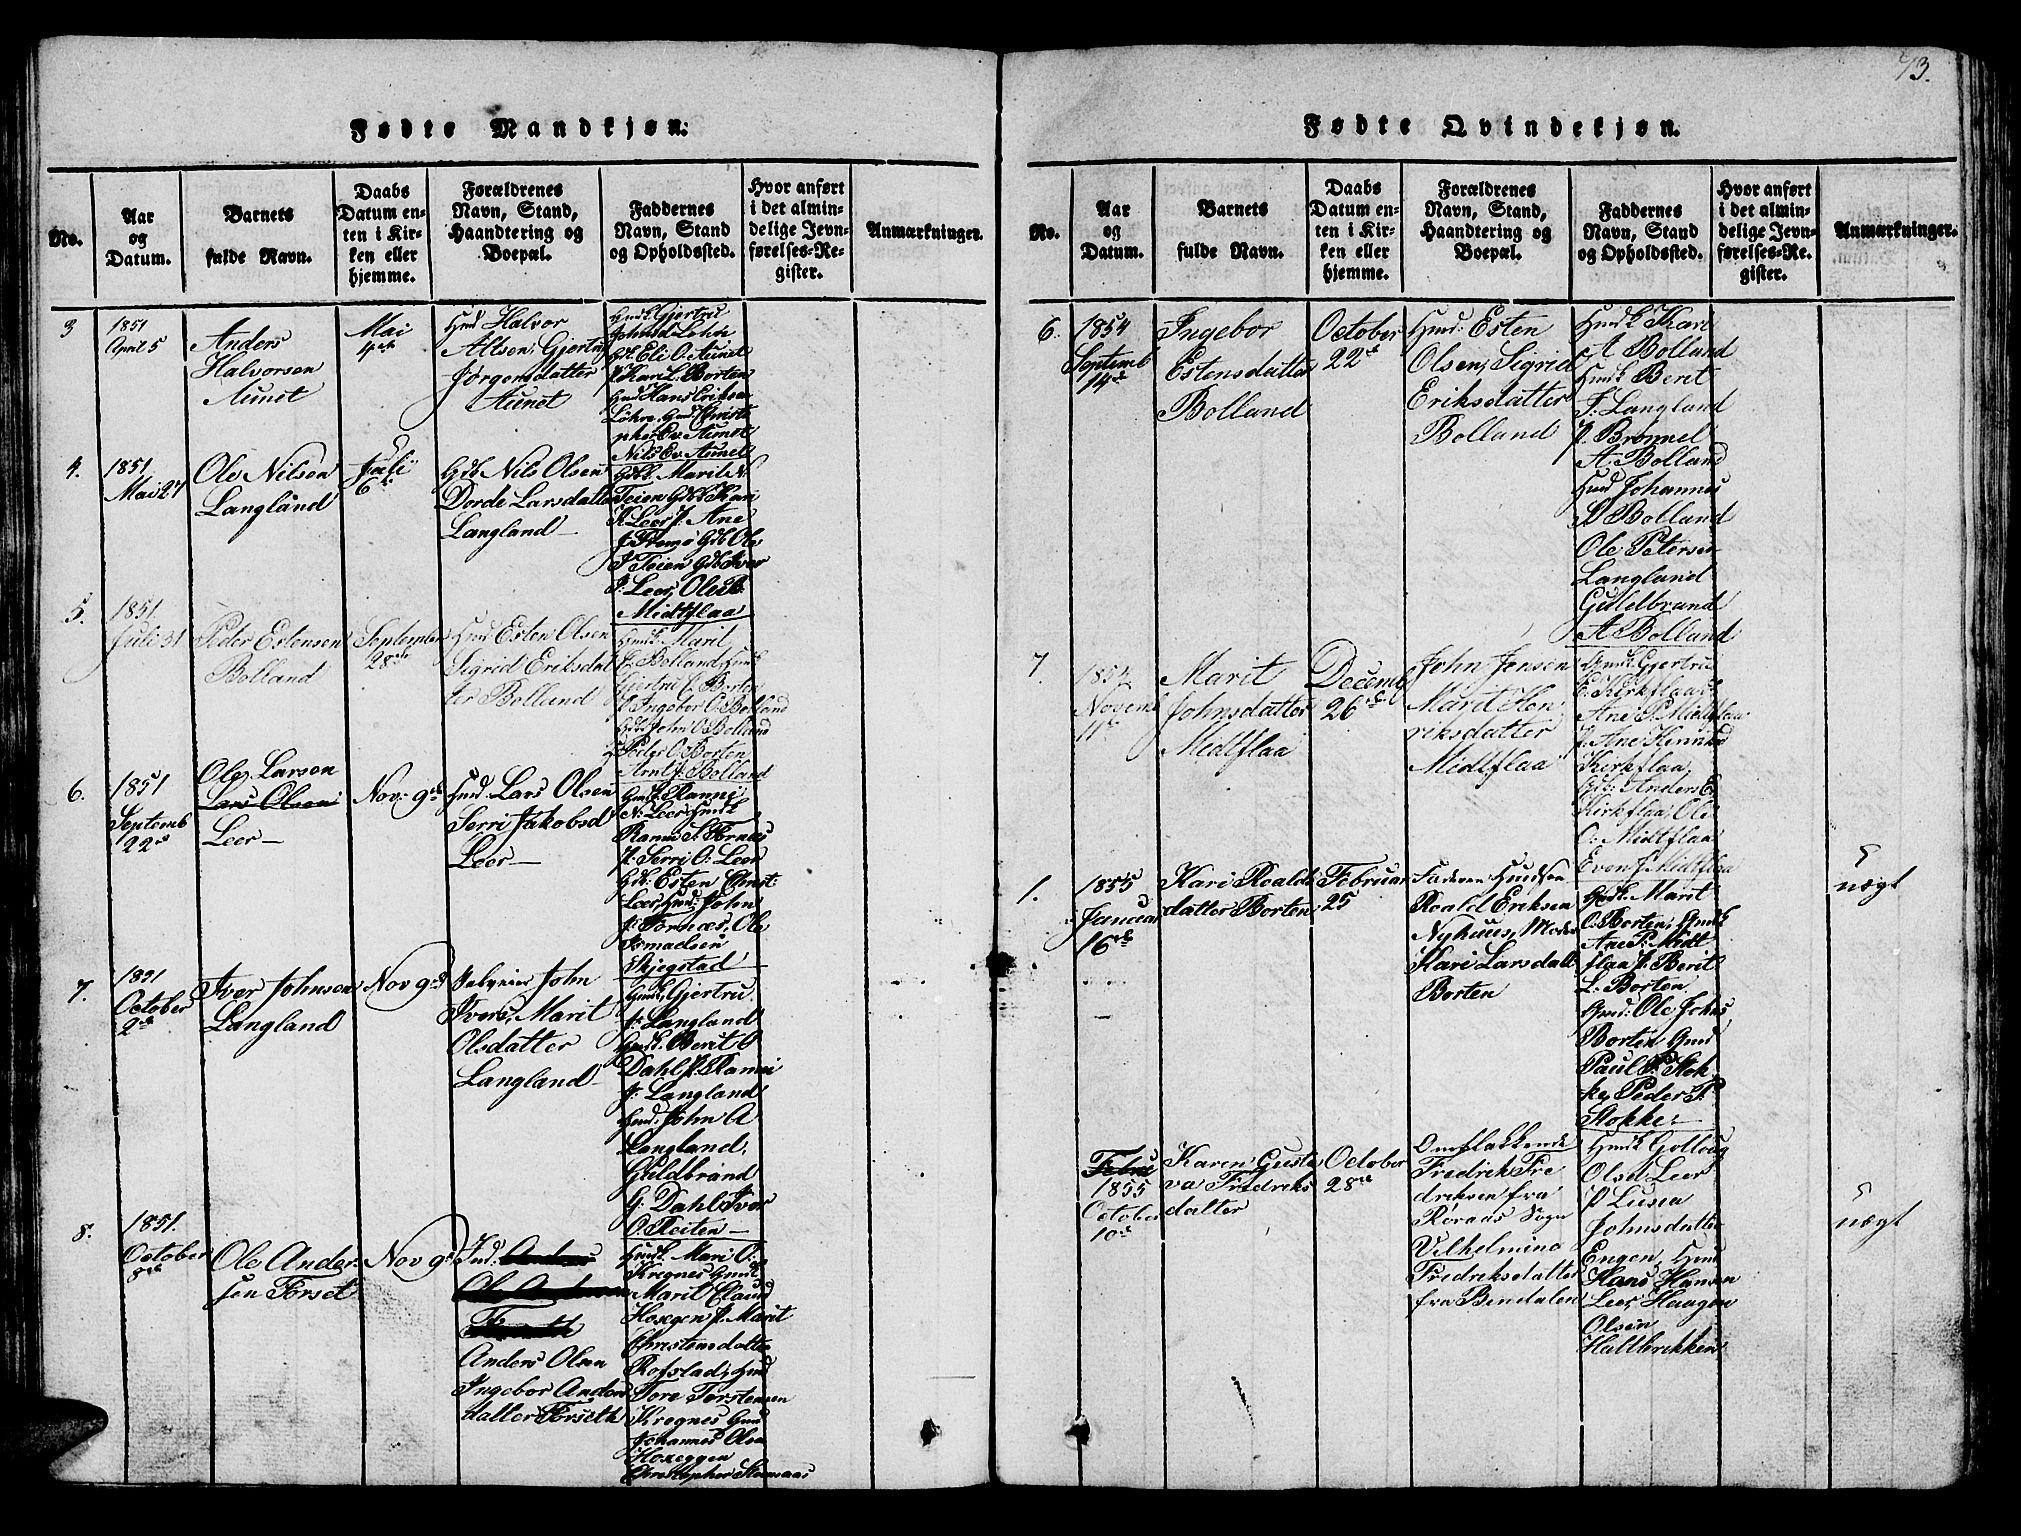 SAT, Ministerialprotokoller, klokkerbøker og fødselsregistre - Sør-Trøndelag, 693/L1121: Klokkerbok nr. 693C02, 1816-1869, s. 73